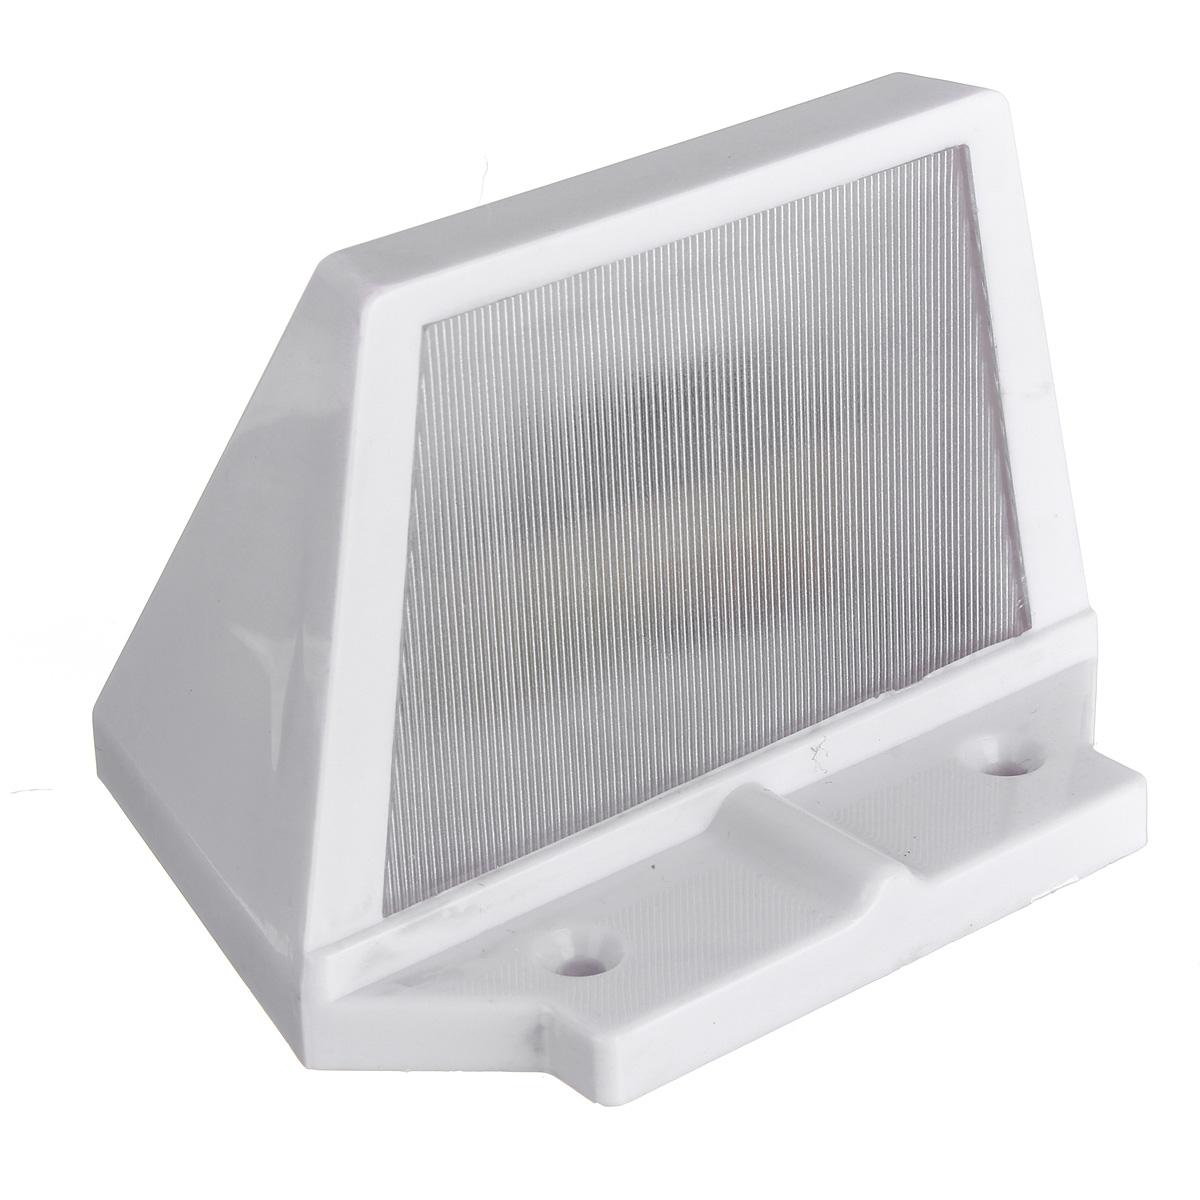 solar treppen solarlampe solarleuchte wandleuchte 2led. Black Bedroom Furniture Sets. Home Design Ideas